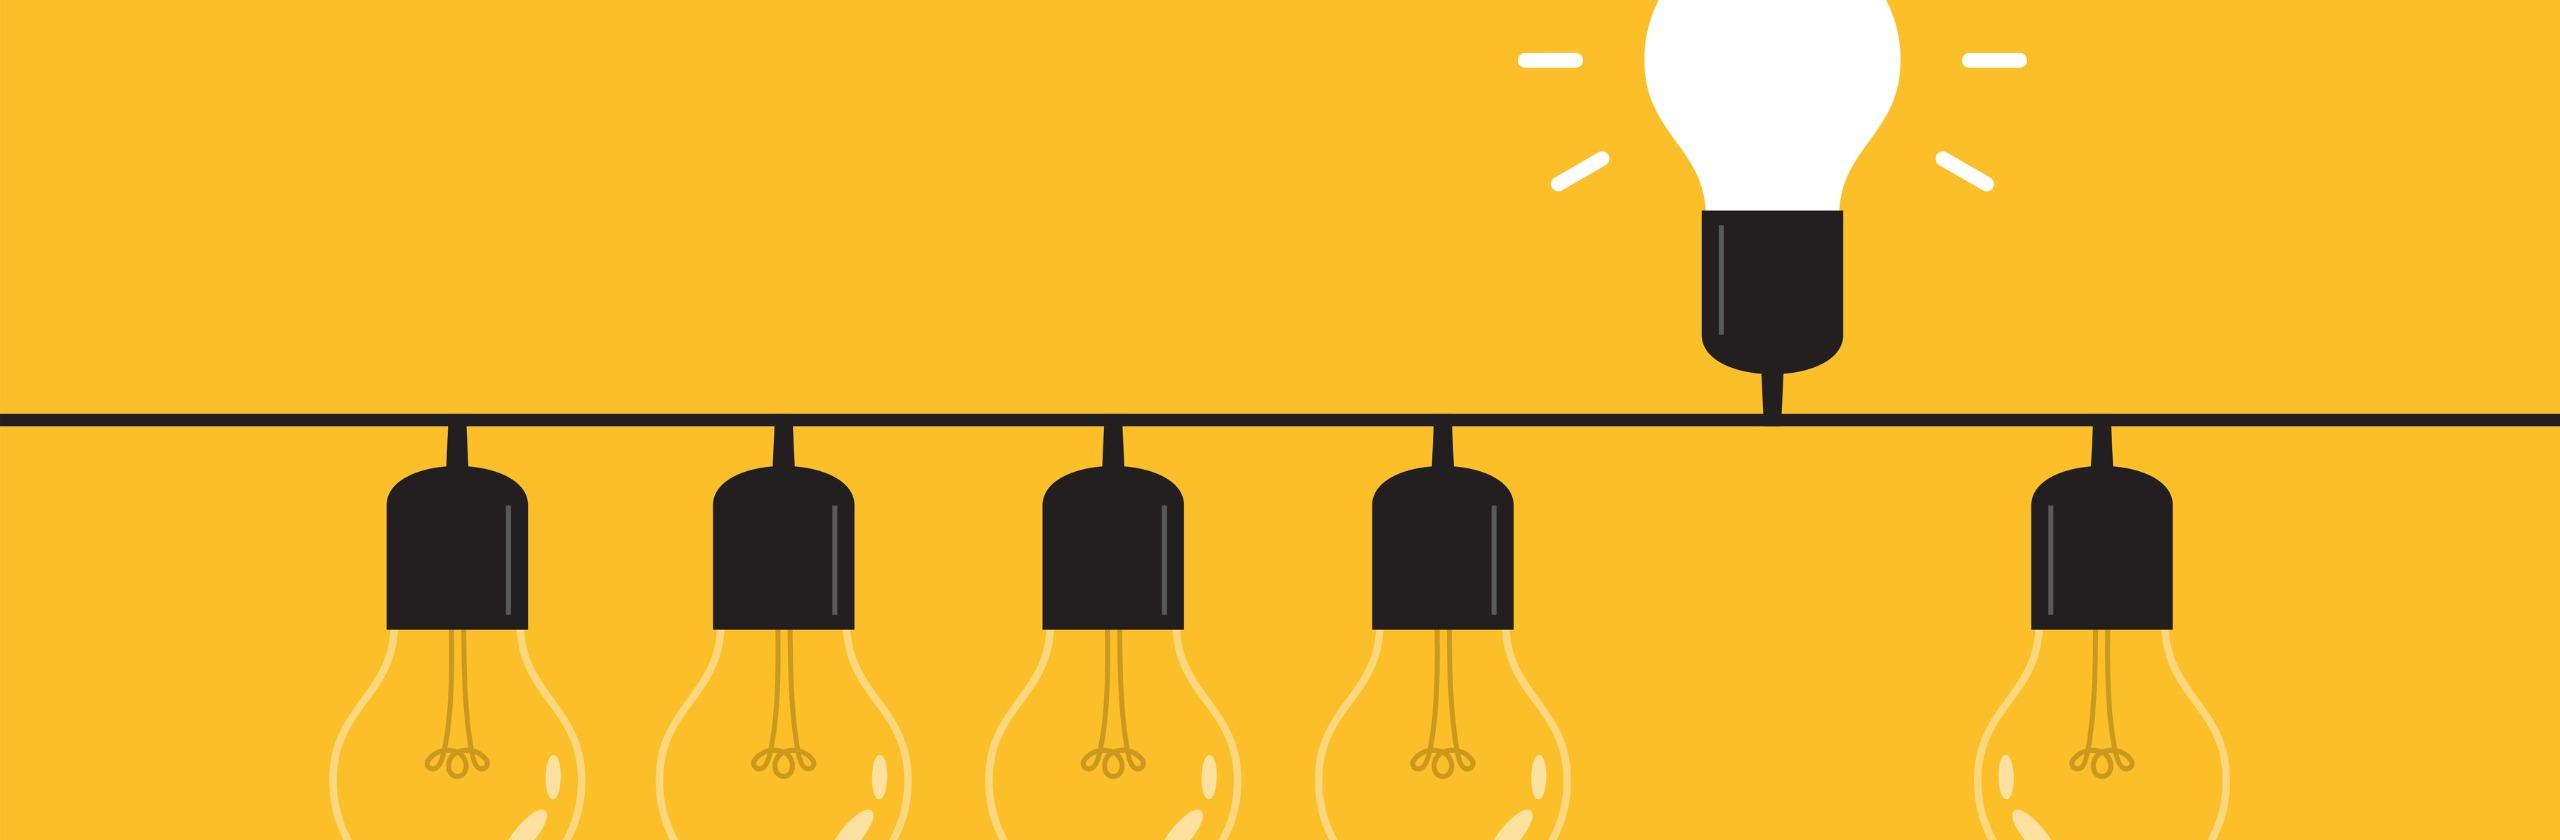 Start-Ups scheitern bei Problemen